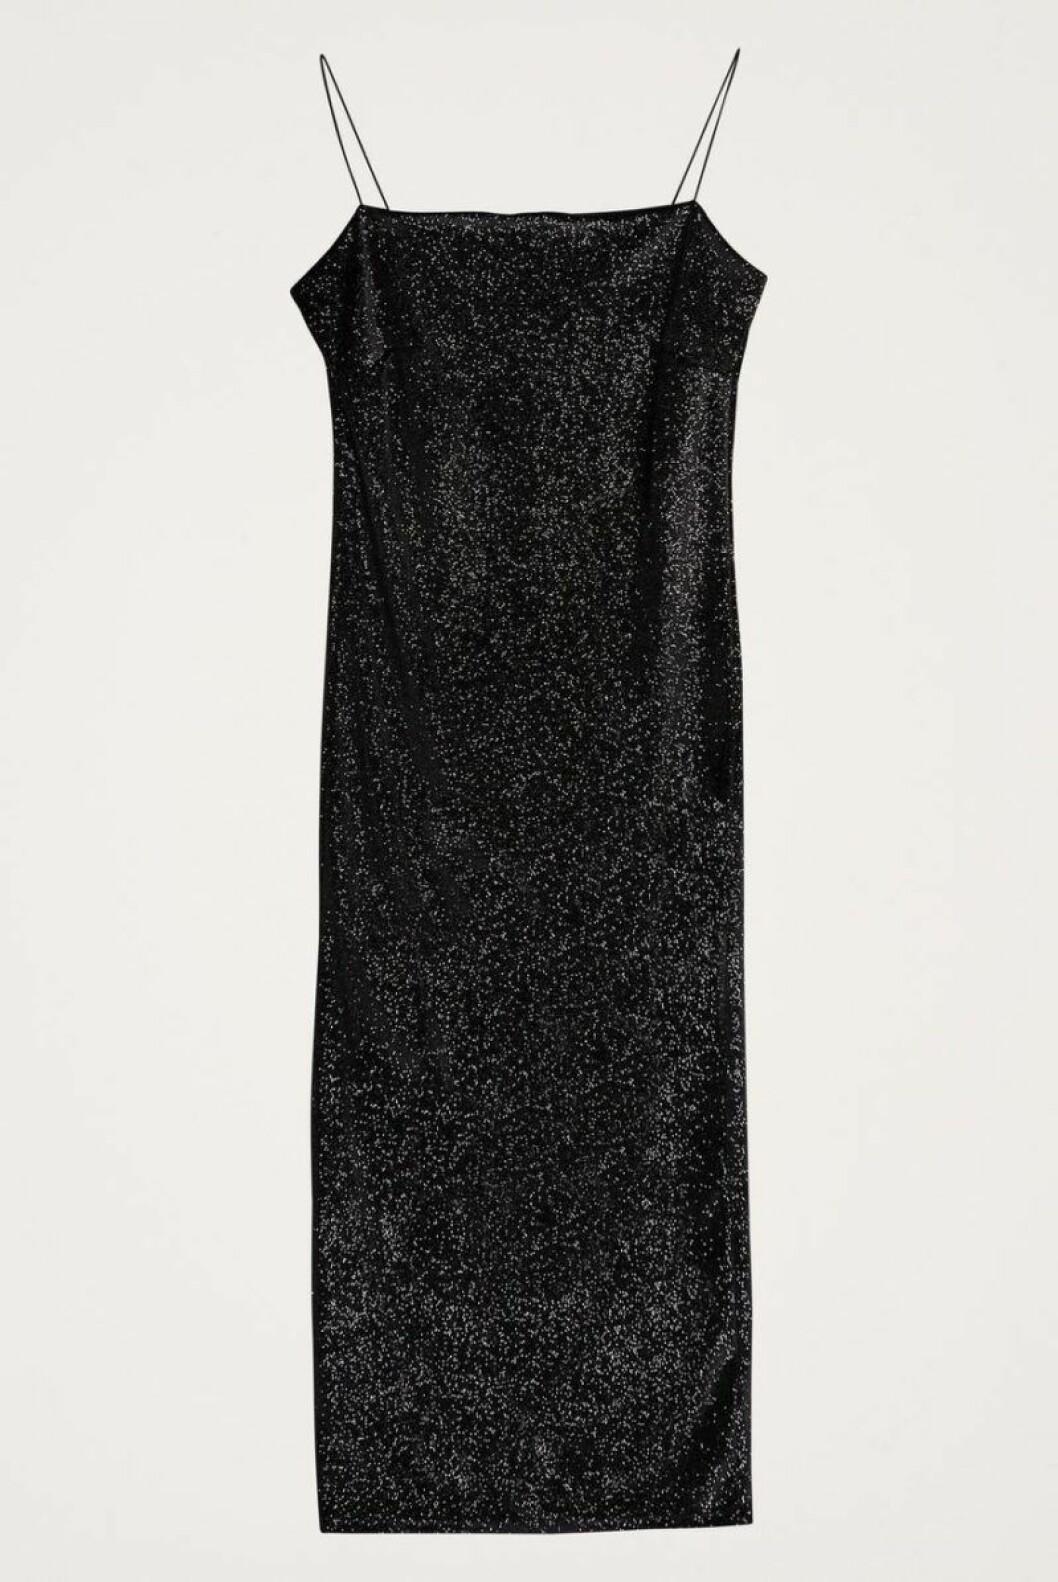 Tutoppklänning i glitter